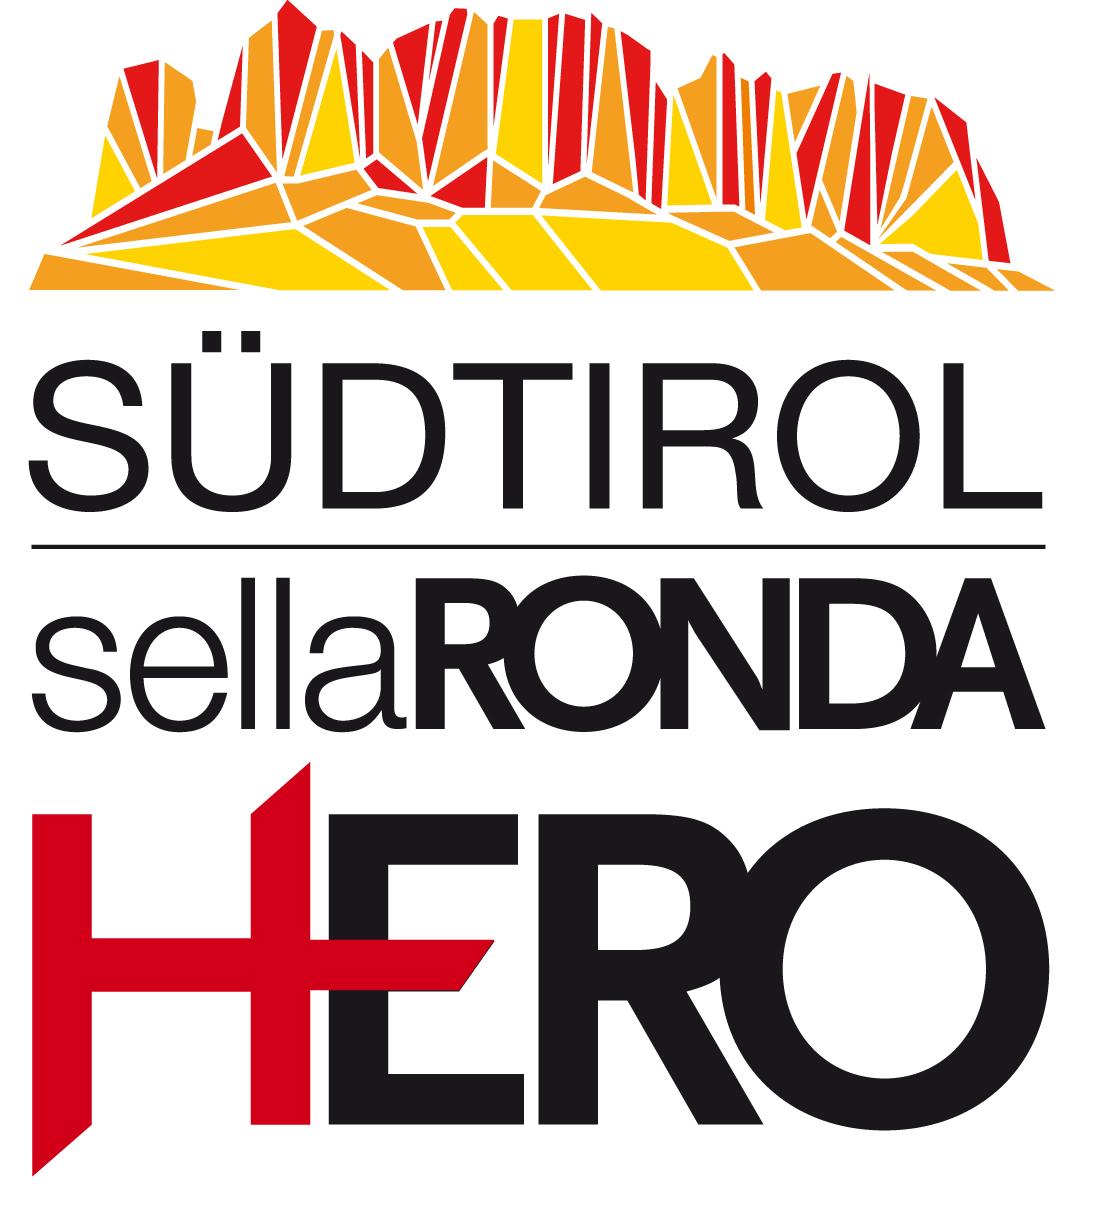 MTB SudTirol Sellaronda Hero